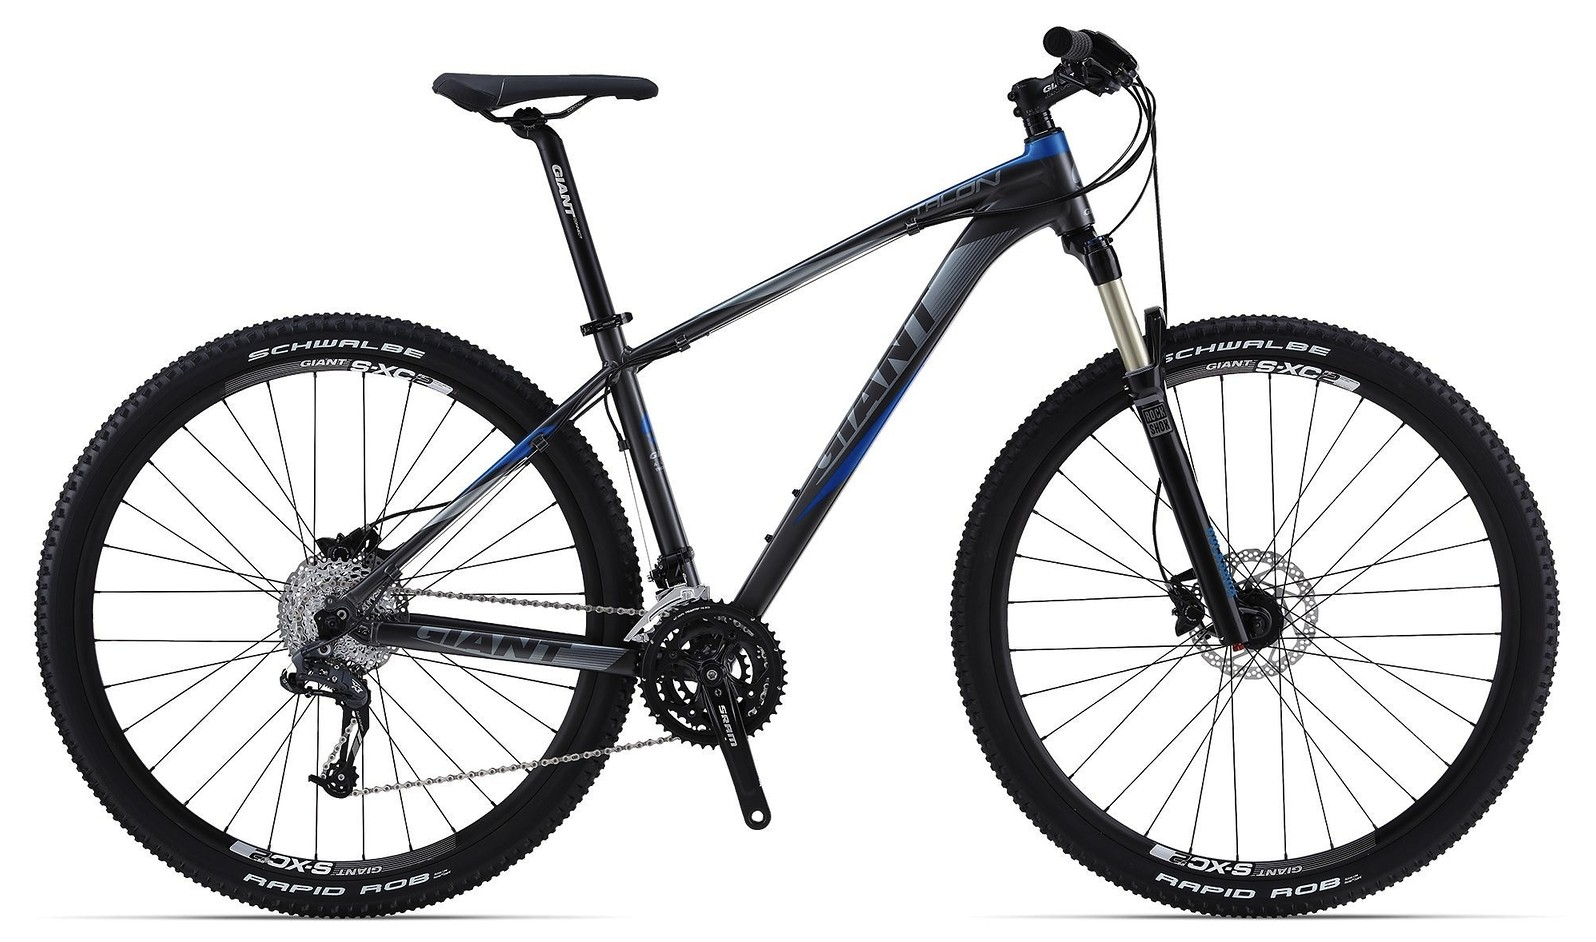 2014 Giant Talon 29er 1 Bike Talon_29er_1_v1